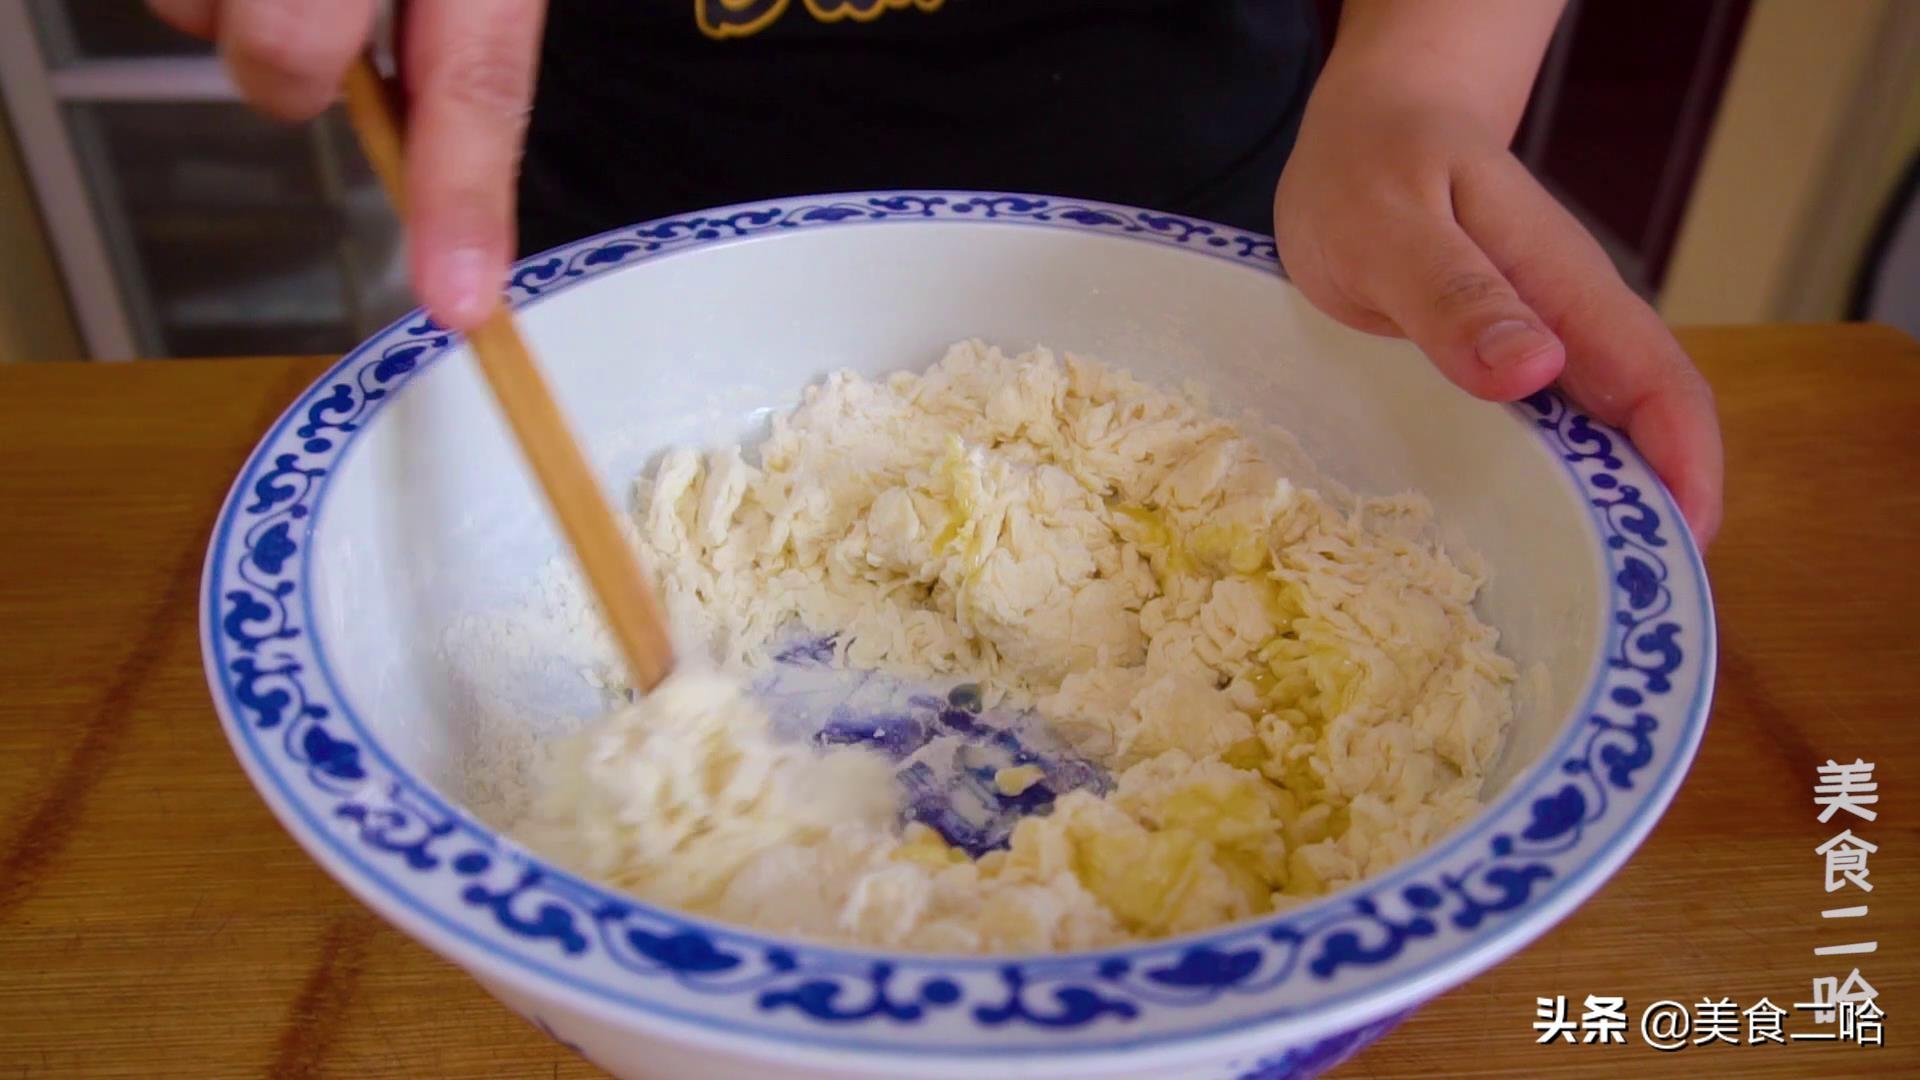 绸带鸡蛋饼:下锅10秒就能熟,滑软的就像绸缎一样,适合做早餐 美食做法 第3张